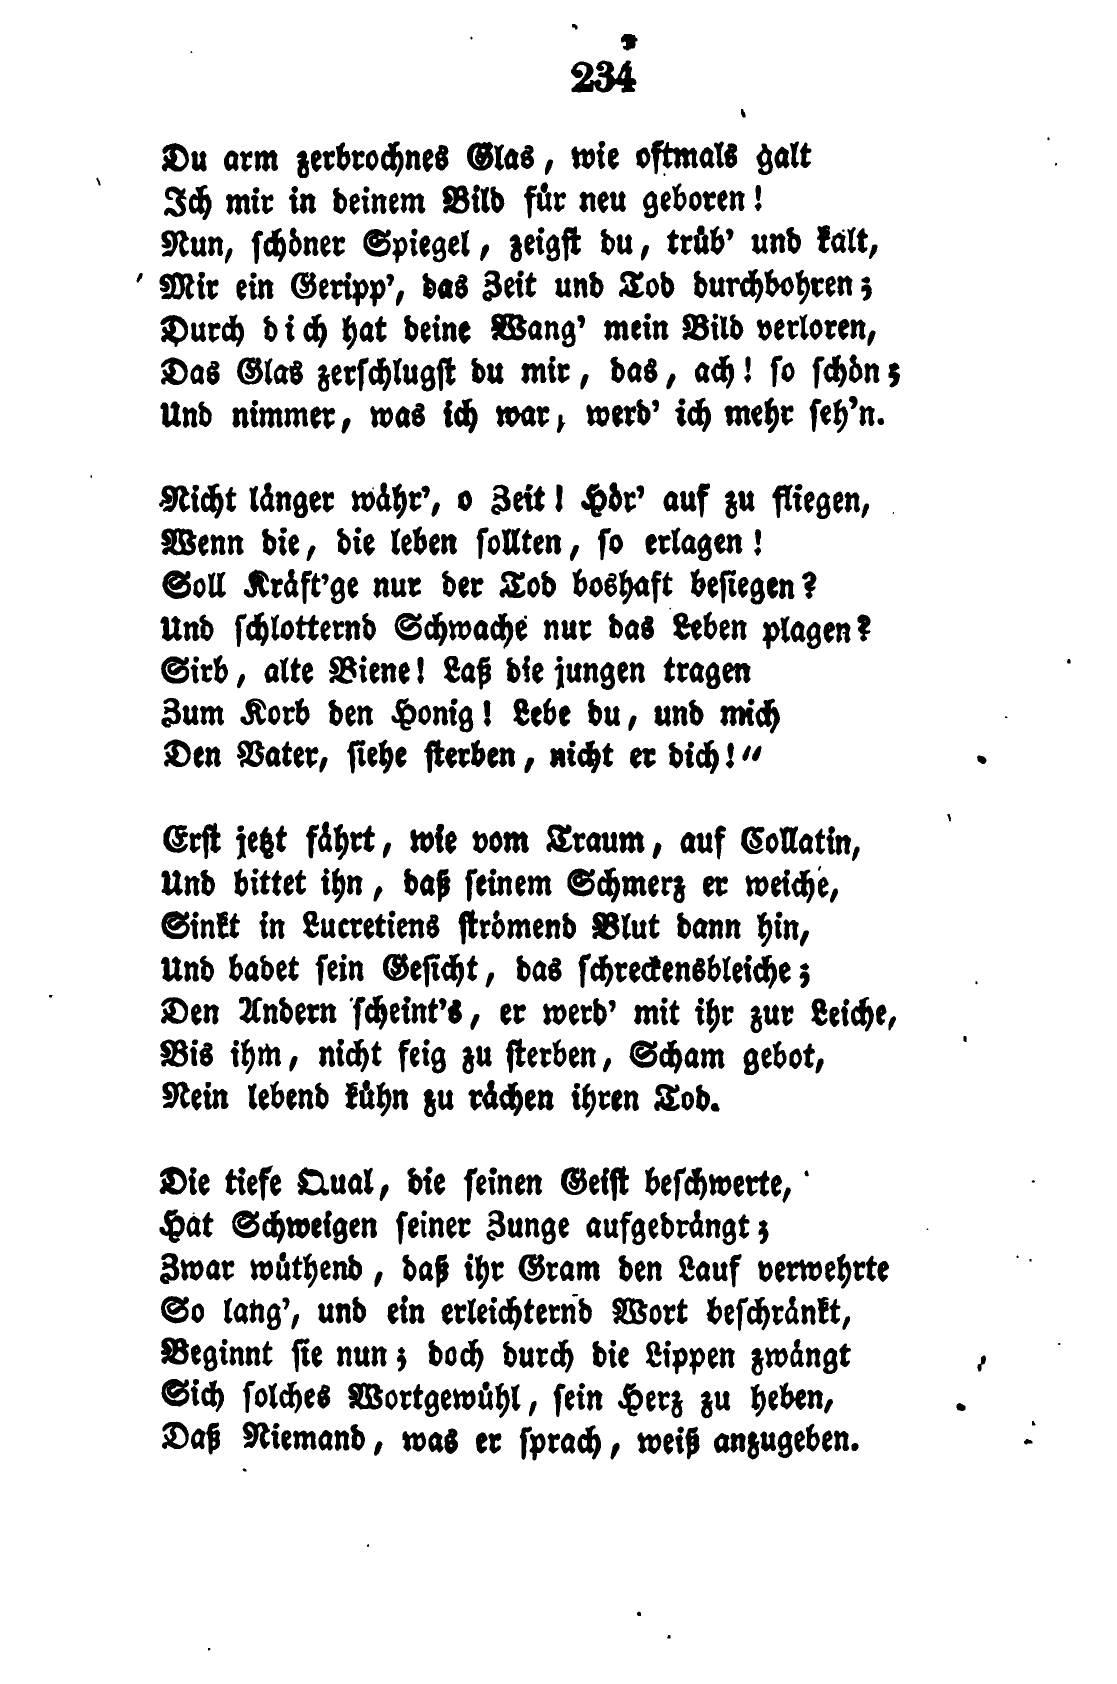 Filede William Shakspeares Sämmtliche Gedichte 234jpg